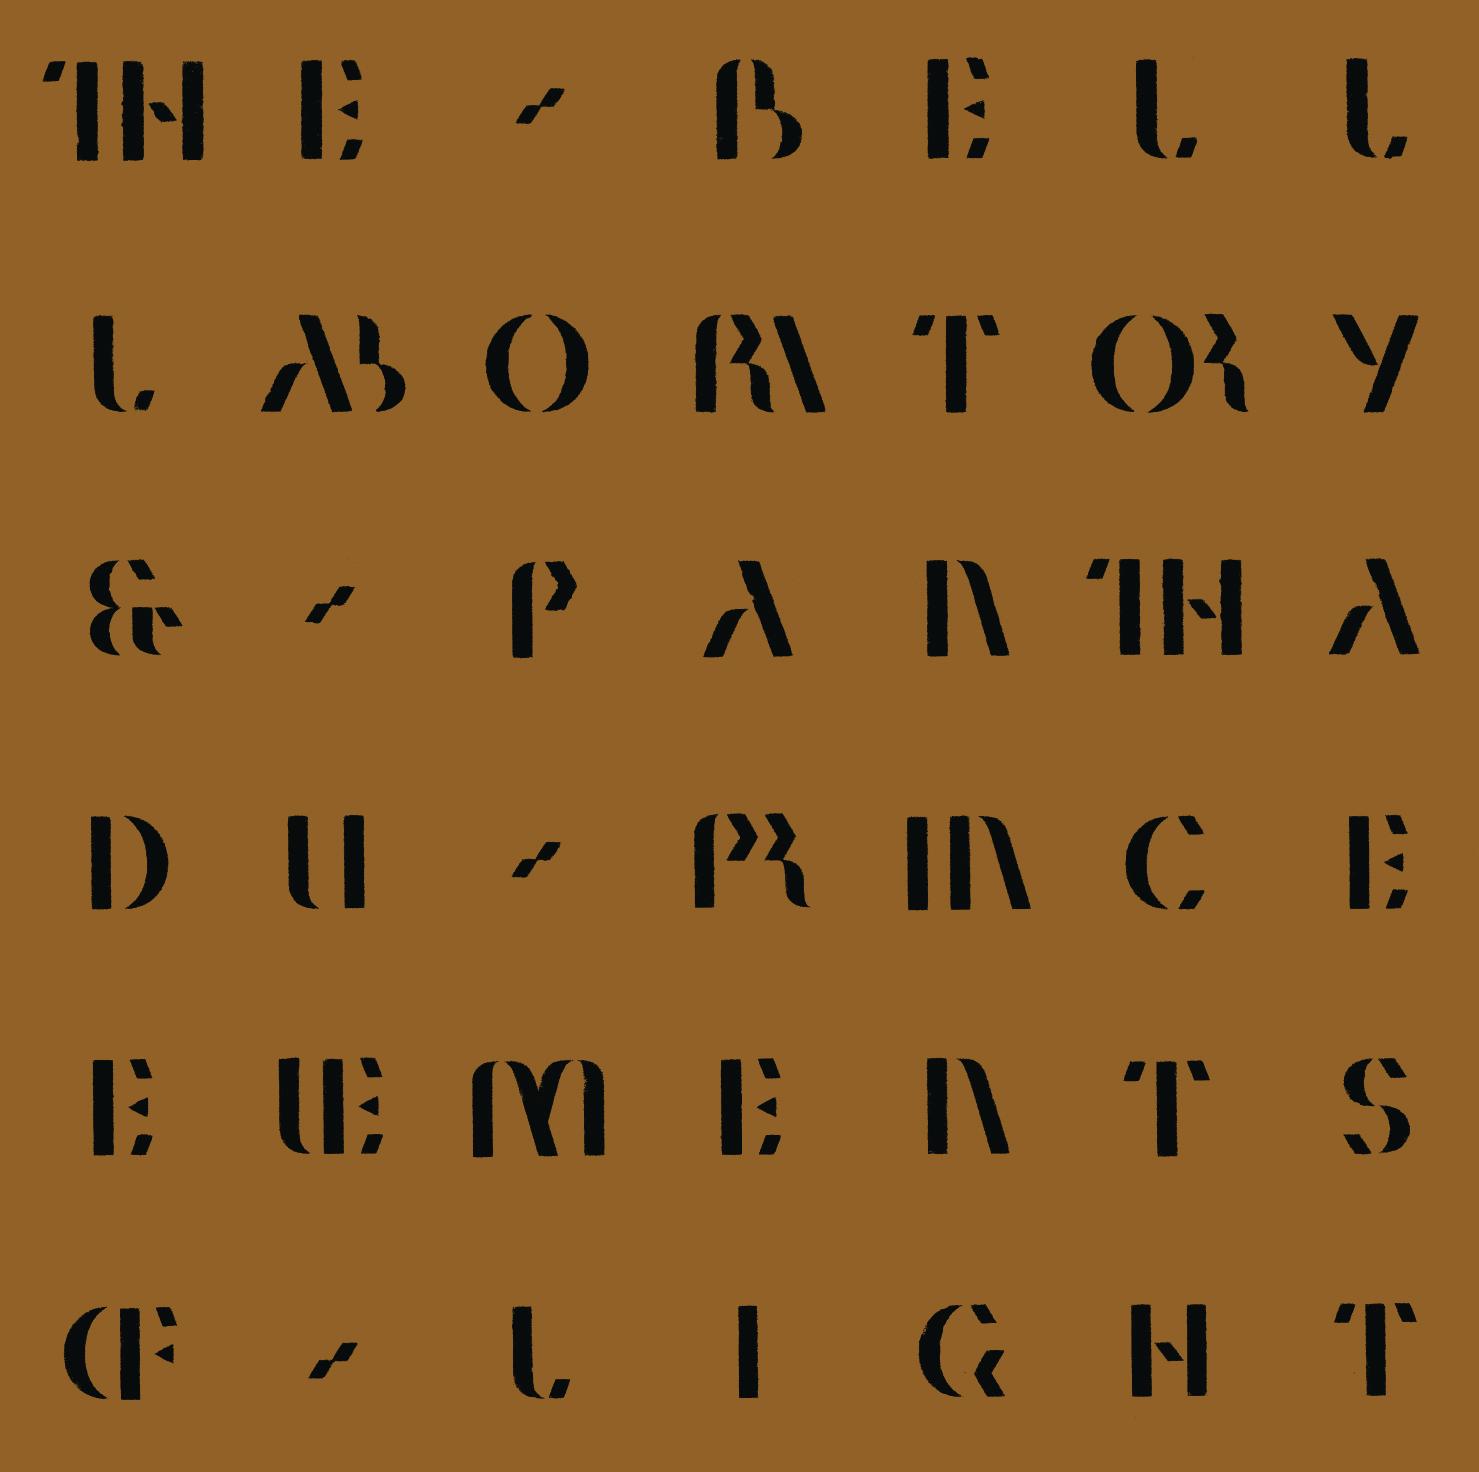 """Pantha du Prince veröffentlicht zusammen mit The Bell Laboratory """"Elements Of Light"""""""